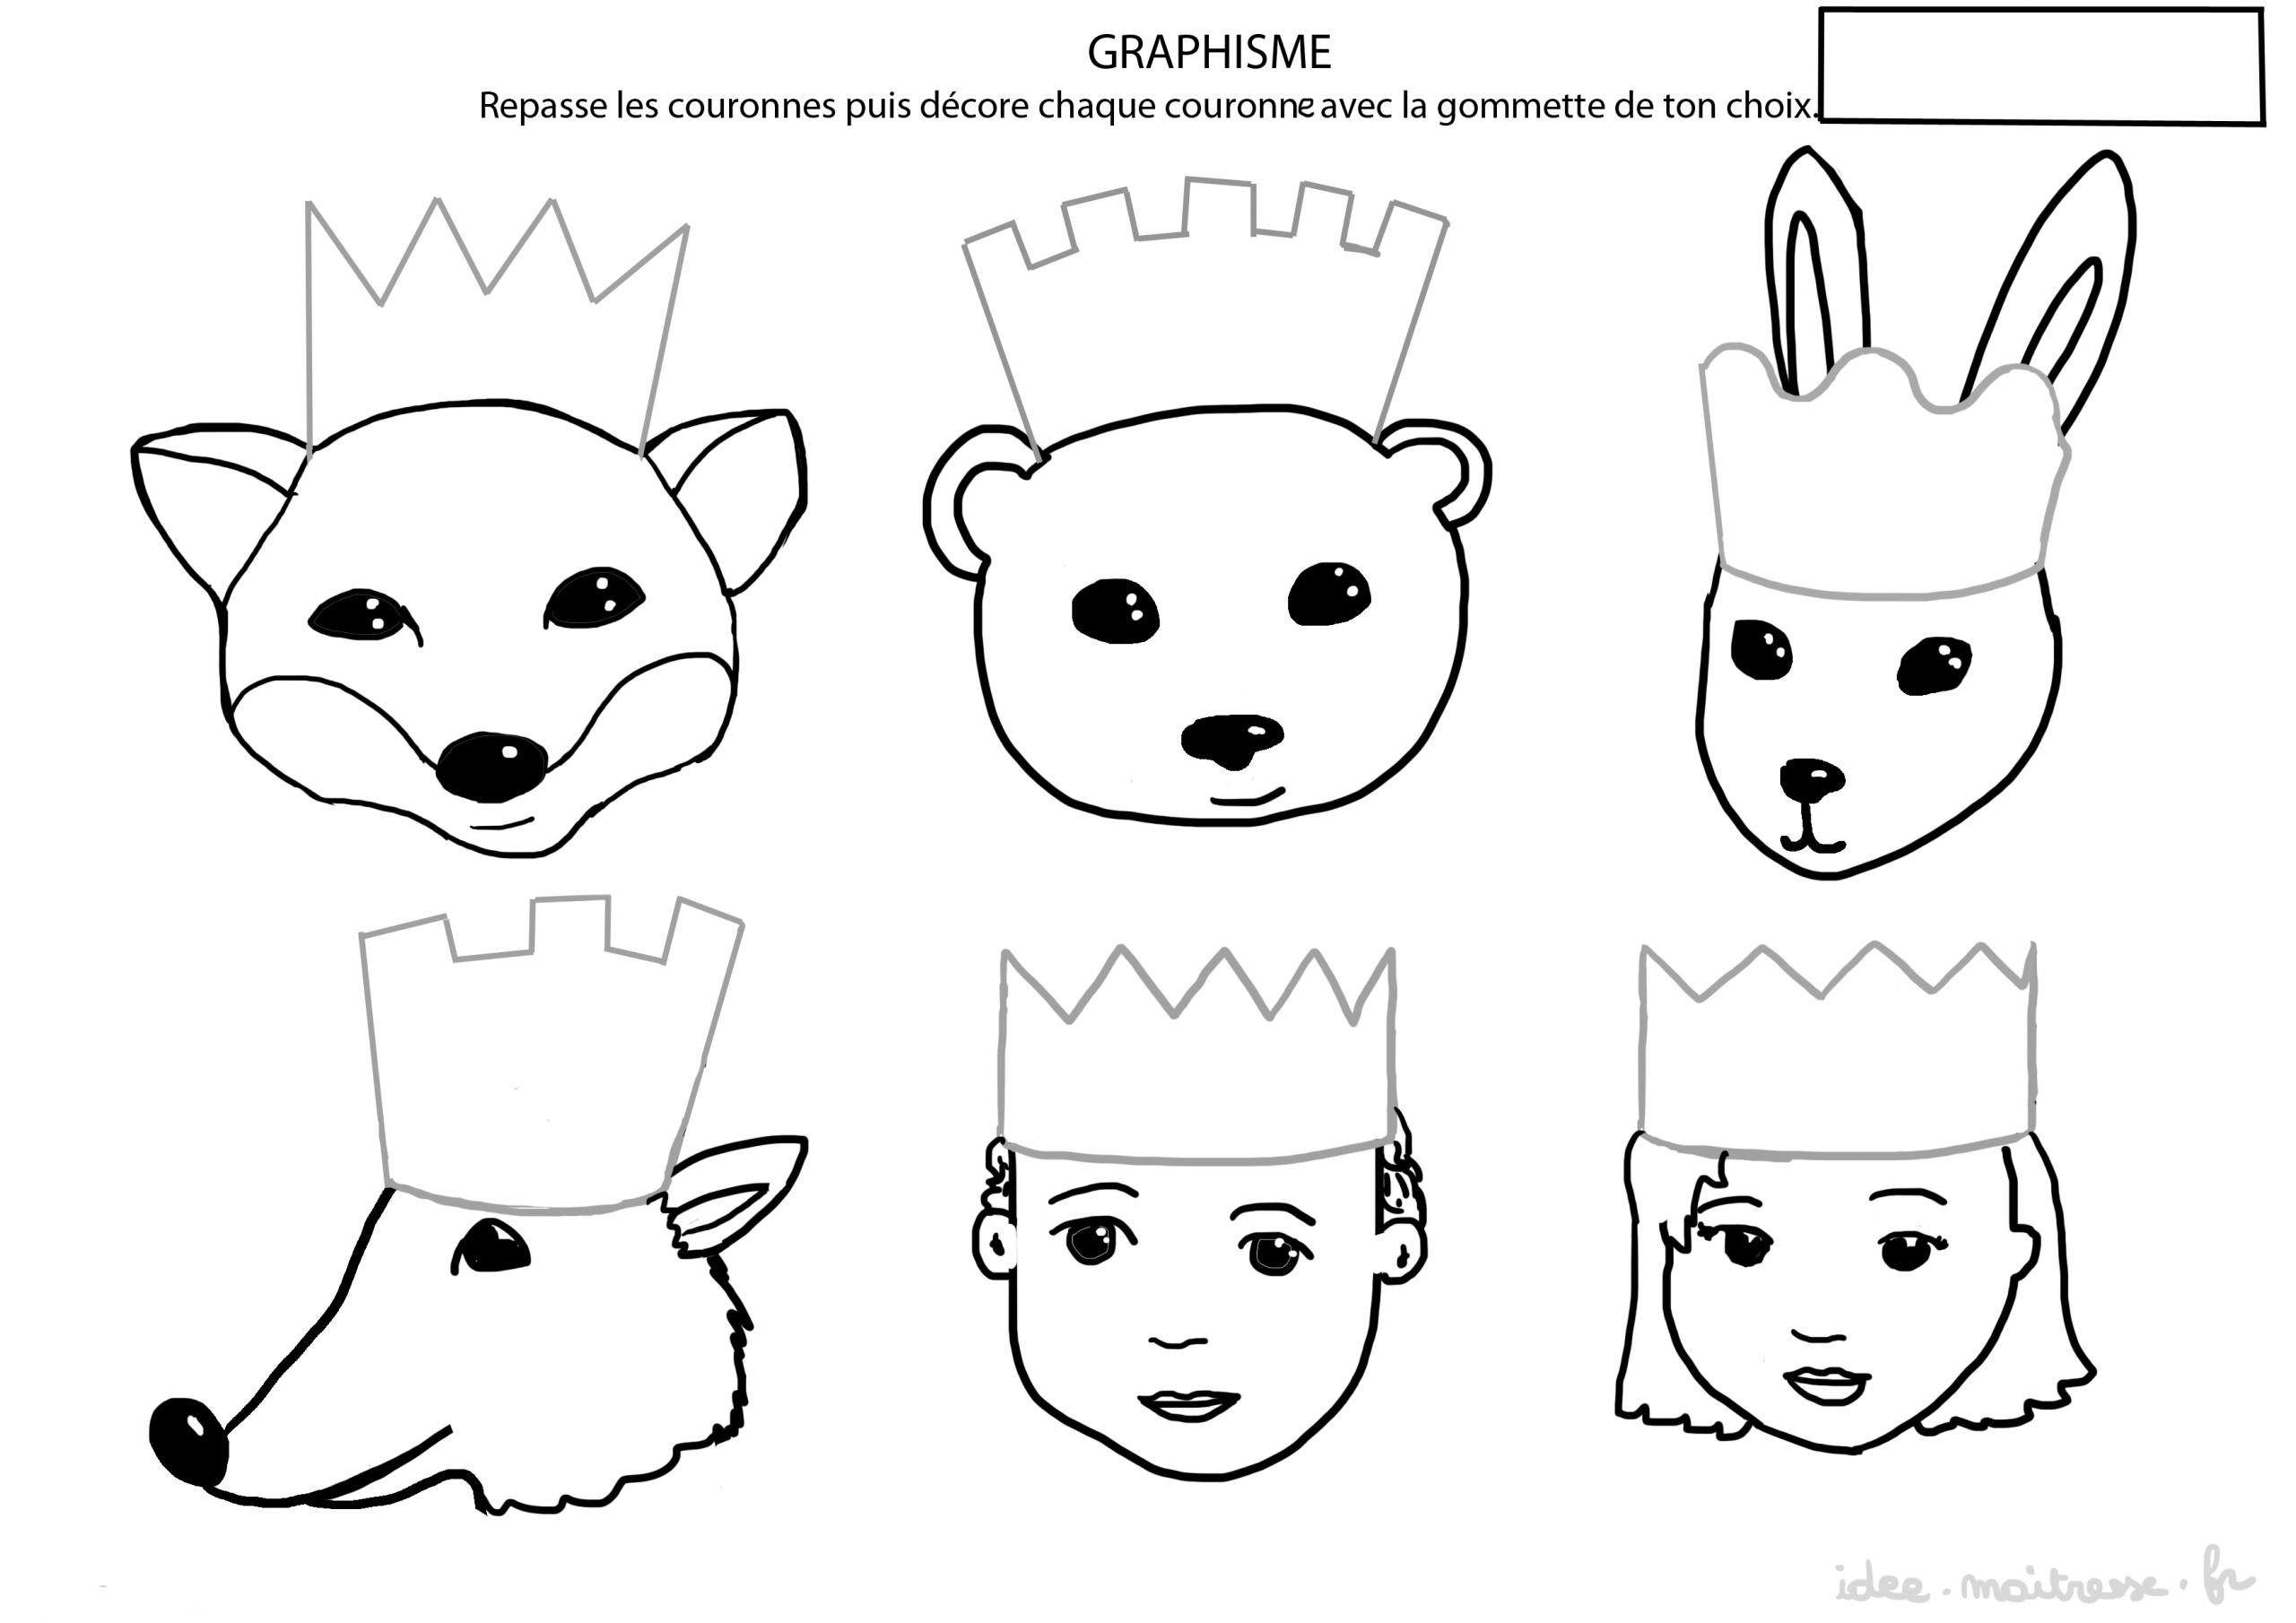 Exercices De Graphismes Pour La Maternelle Et Le Primaire concernant Graphisme En Petite Section